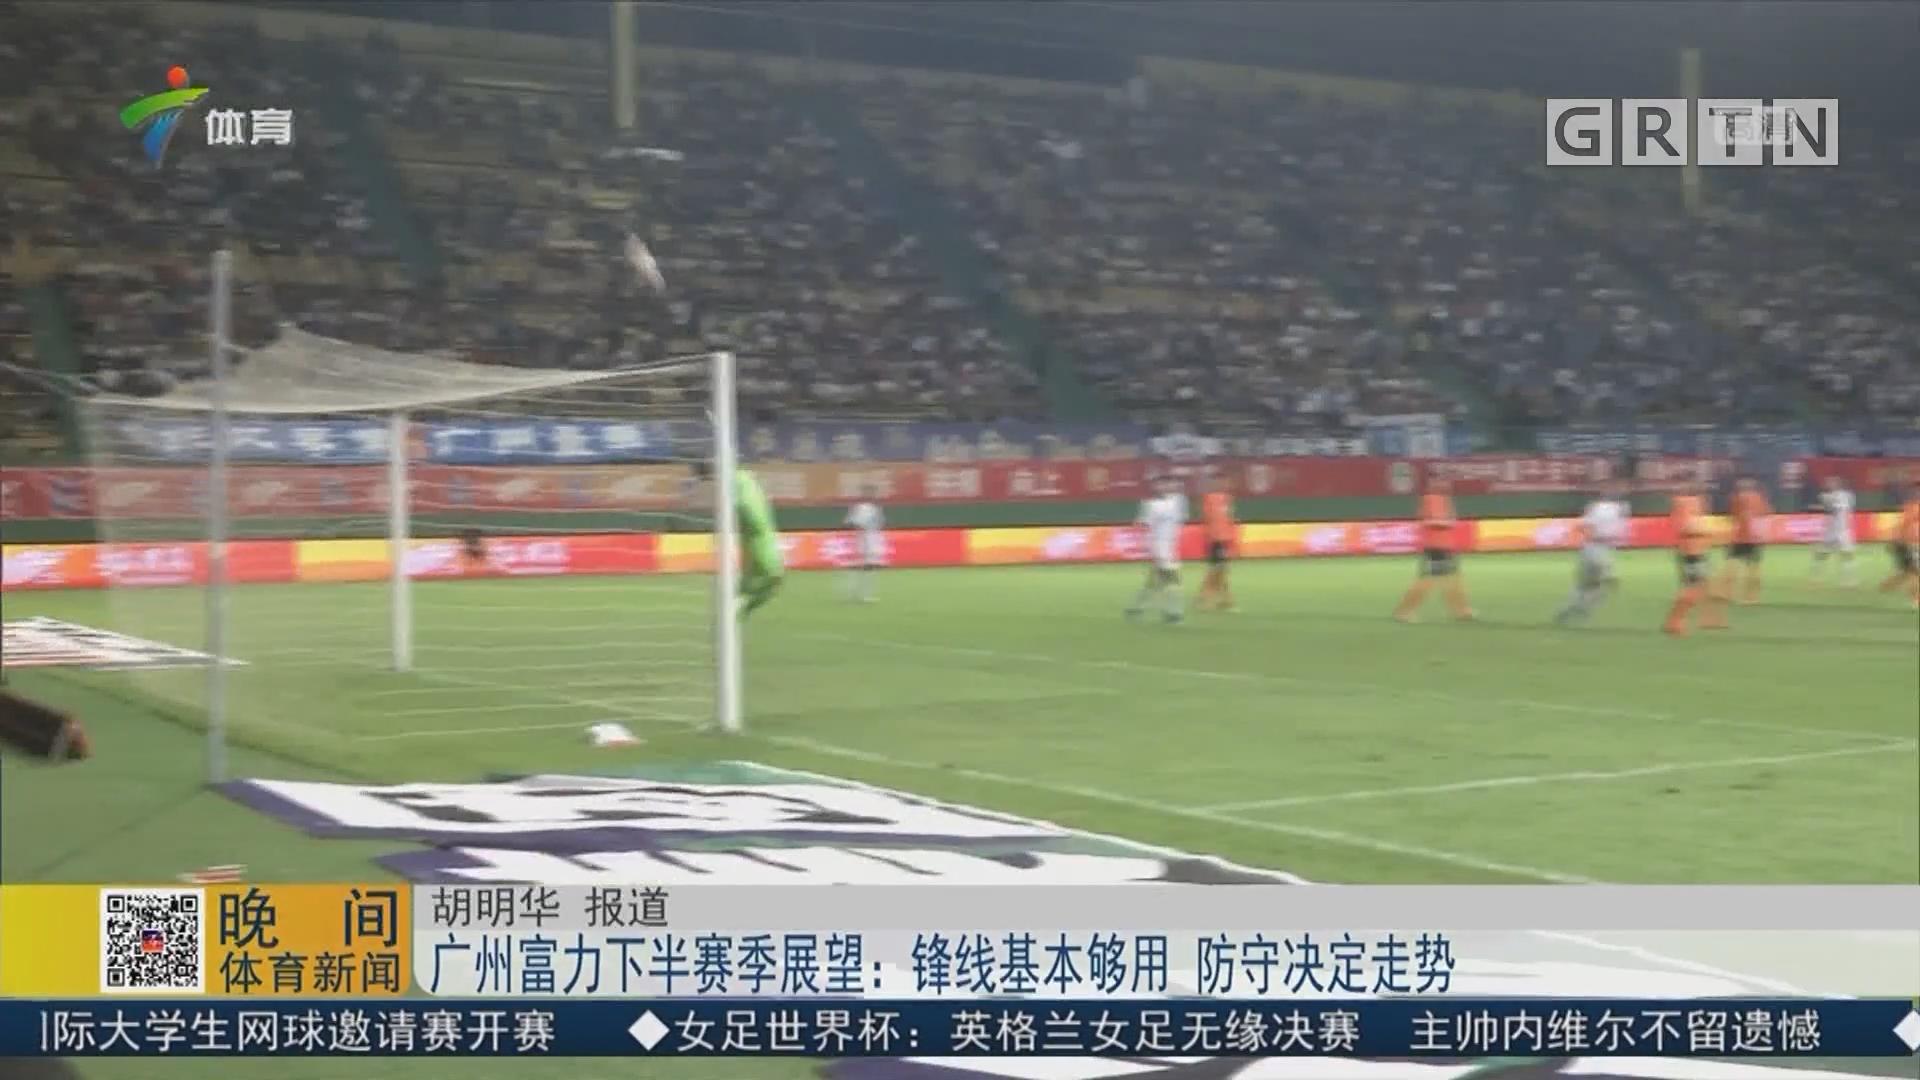 广州富力下半赛季展望:锋线基本够用 防守决定走势